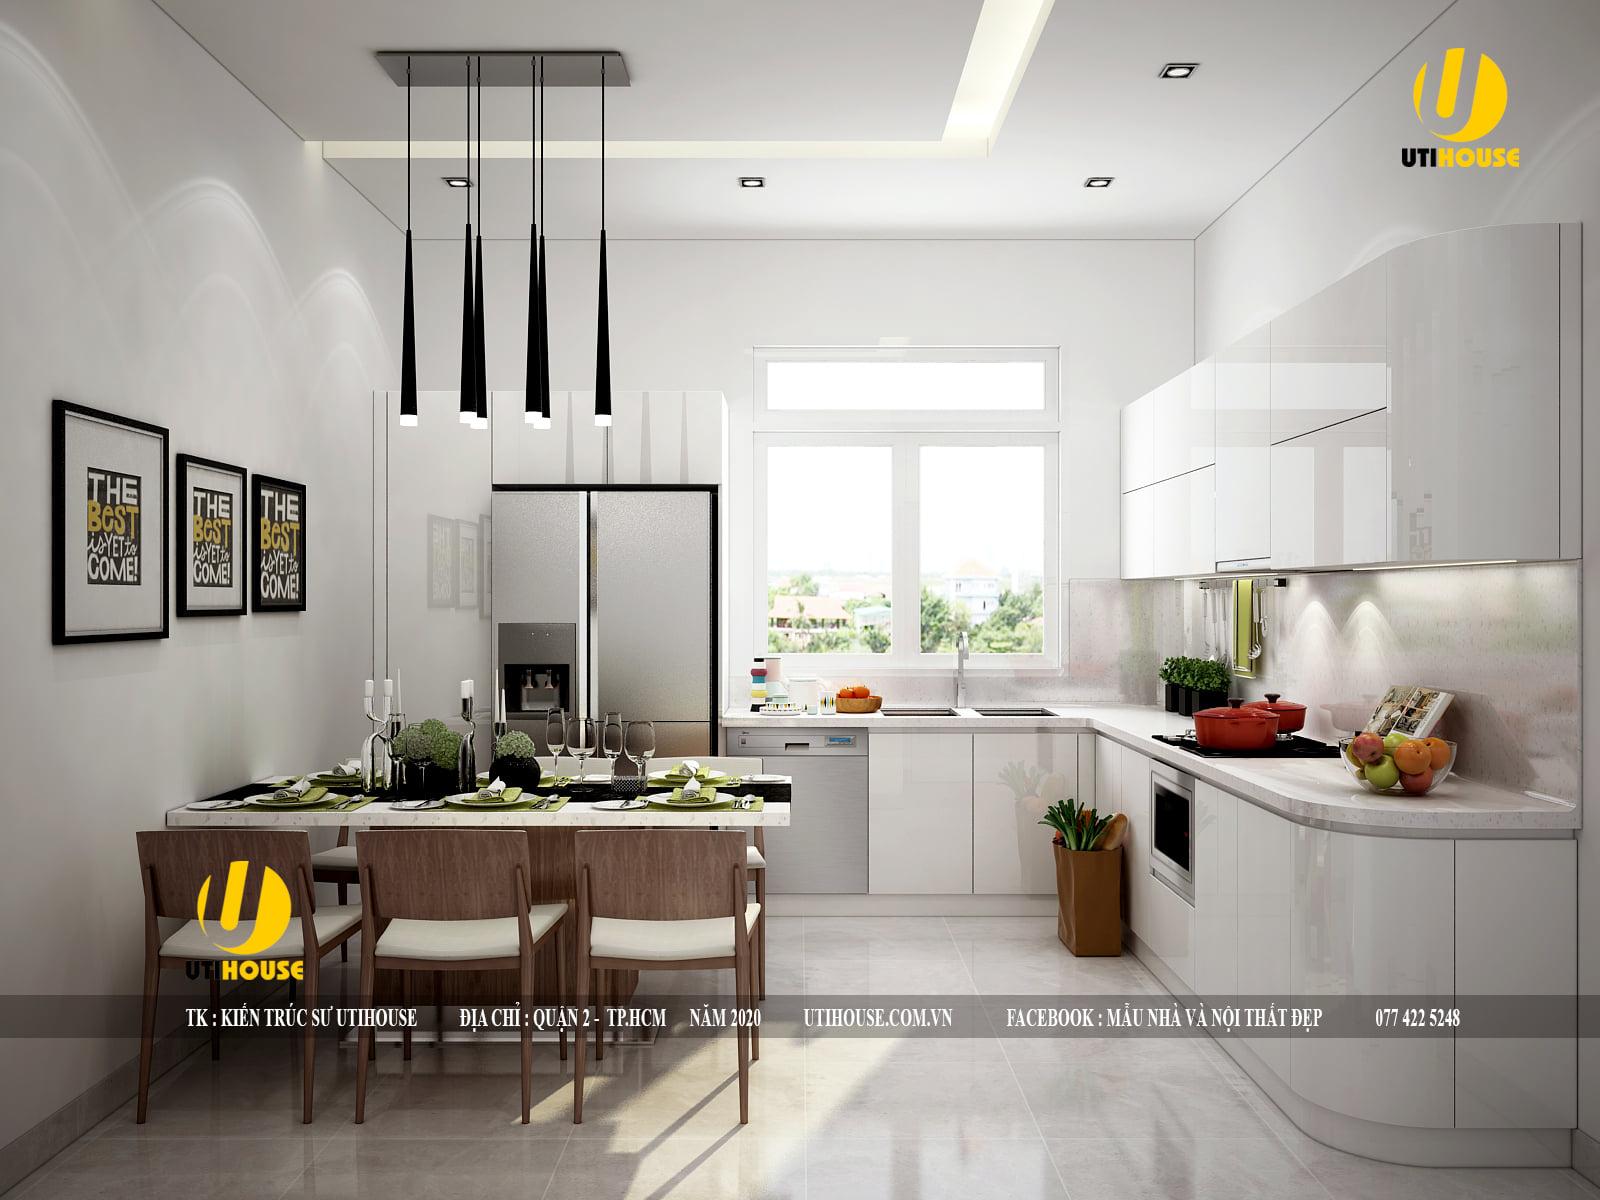 Ý tưởng thiết kế nội thất nhà bếp chung cư cực đẹp